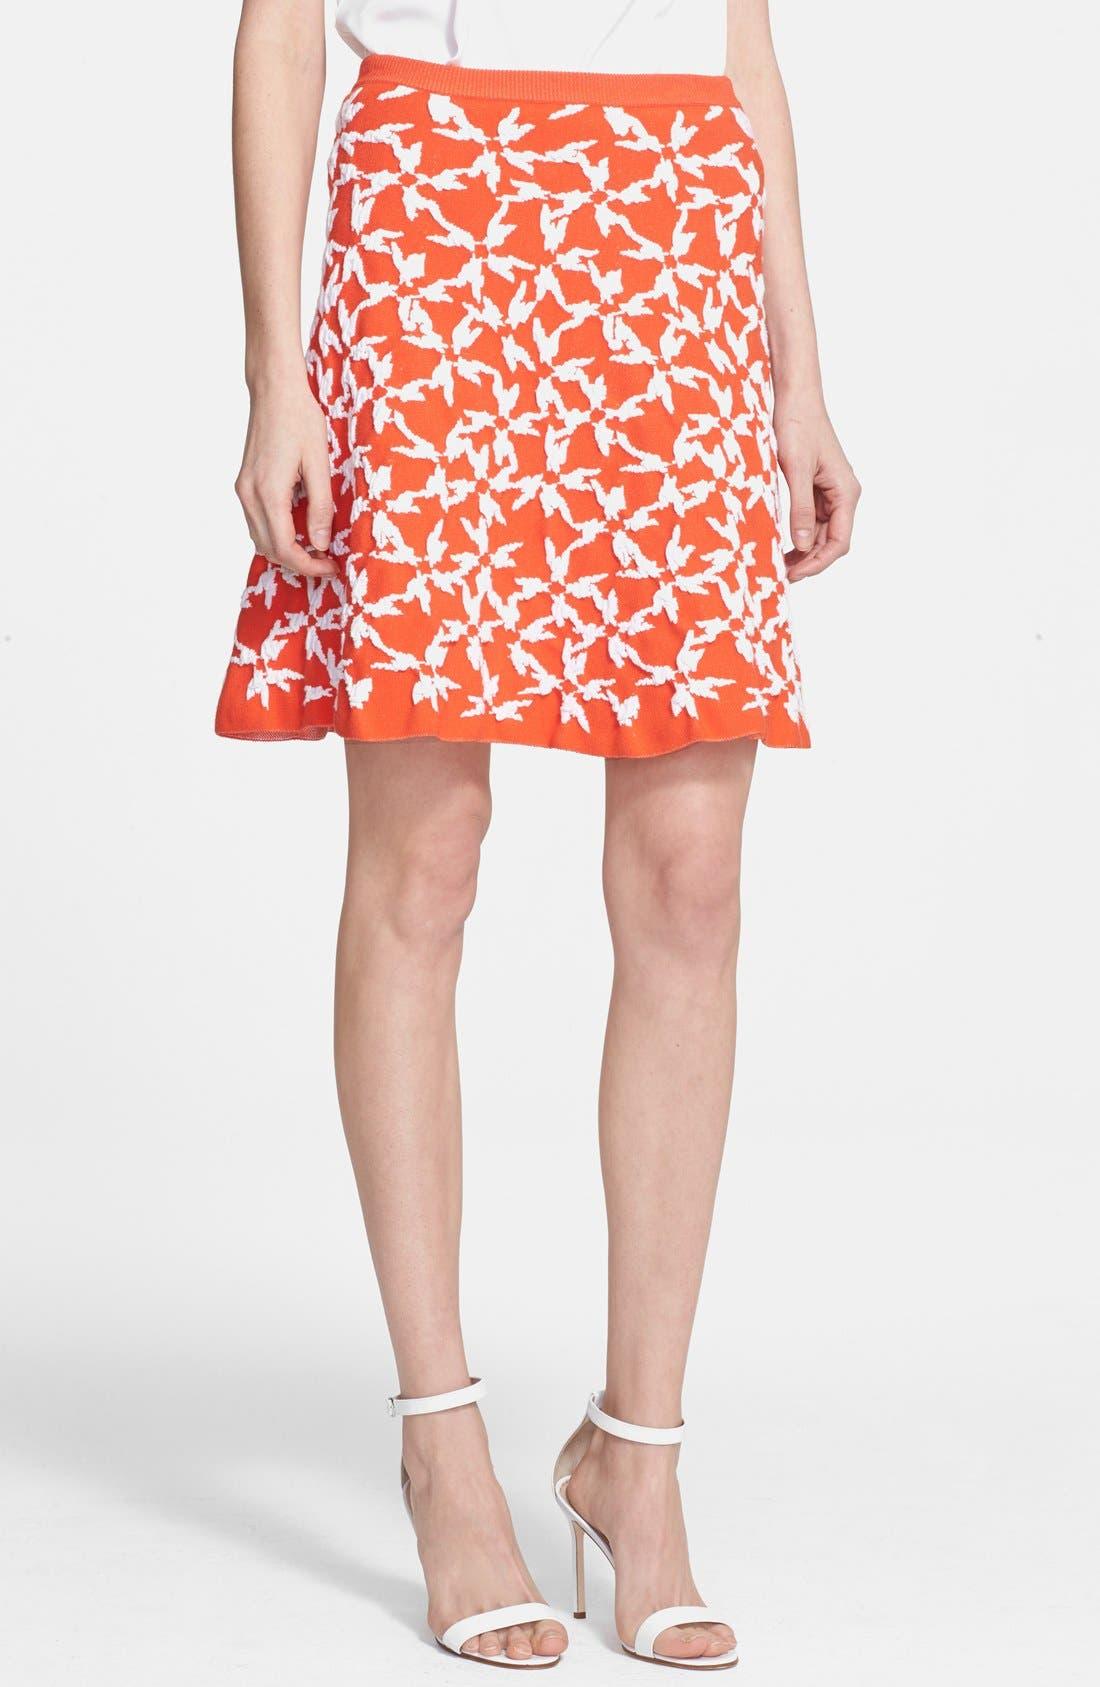 Alternate Image 1 Selected - Tanya Taylor 'Maia' Jacquard Knit Skirt